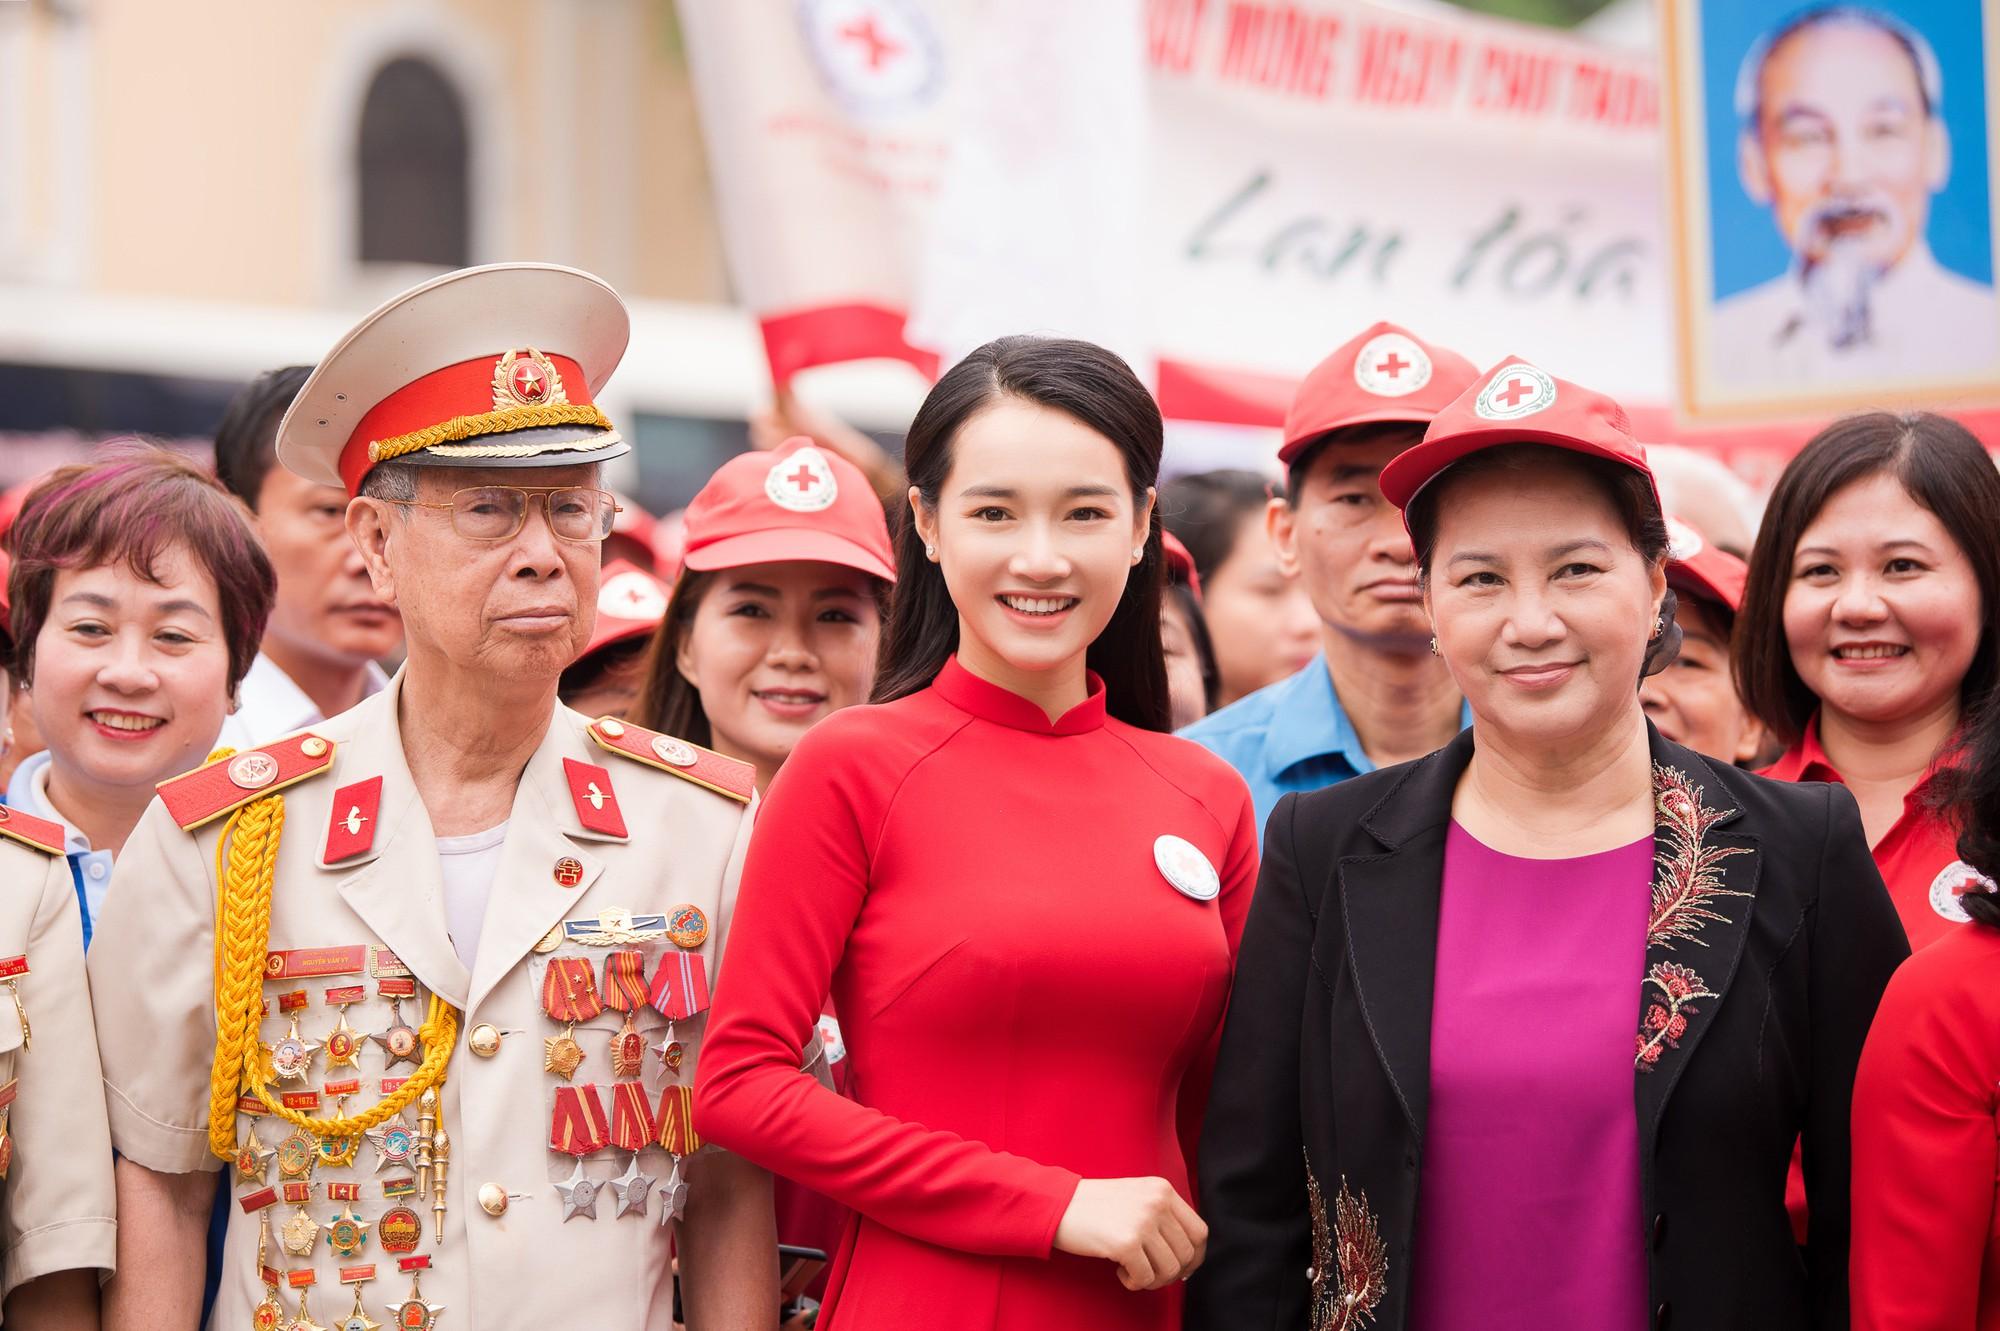 Nhã Phương vinh dự trở thành đại sứ của tháng Nhân đạo Quốc gia - Ảnh 4.